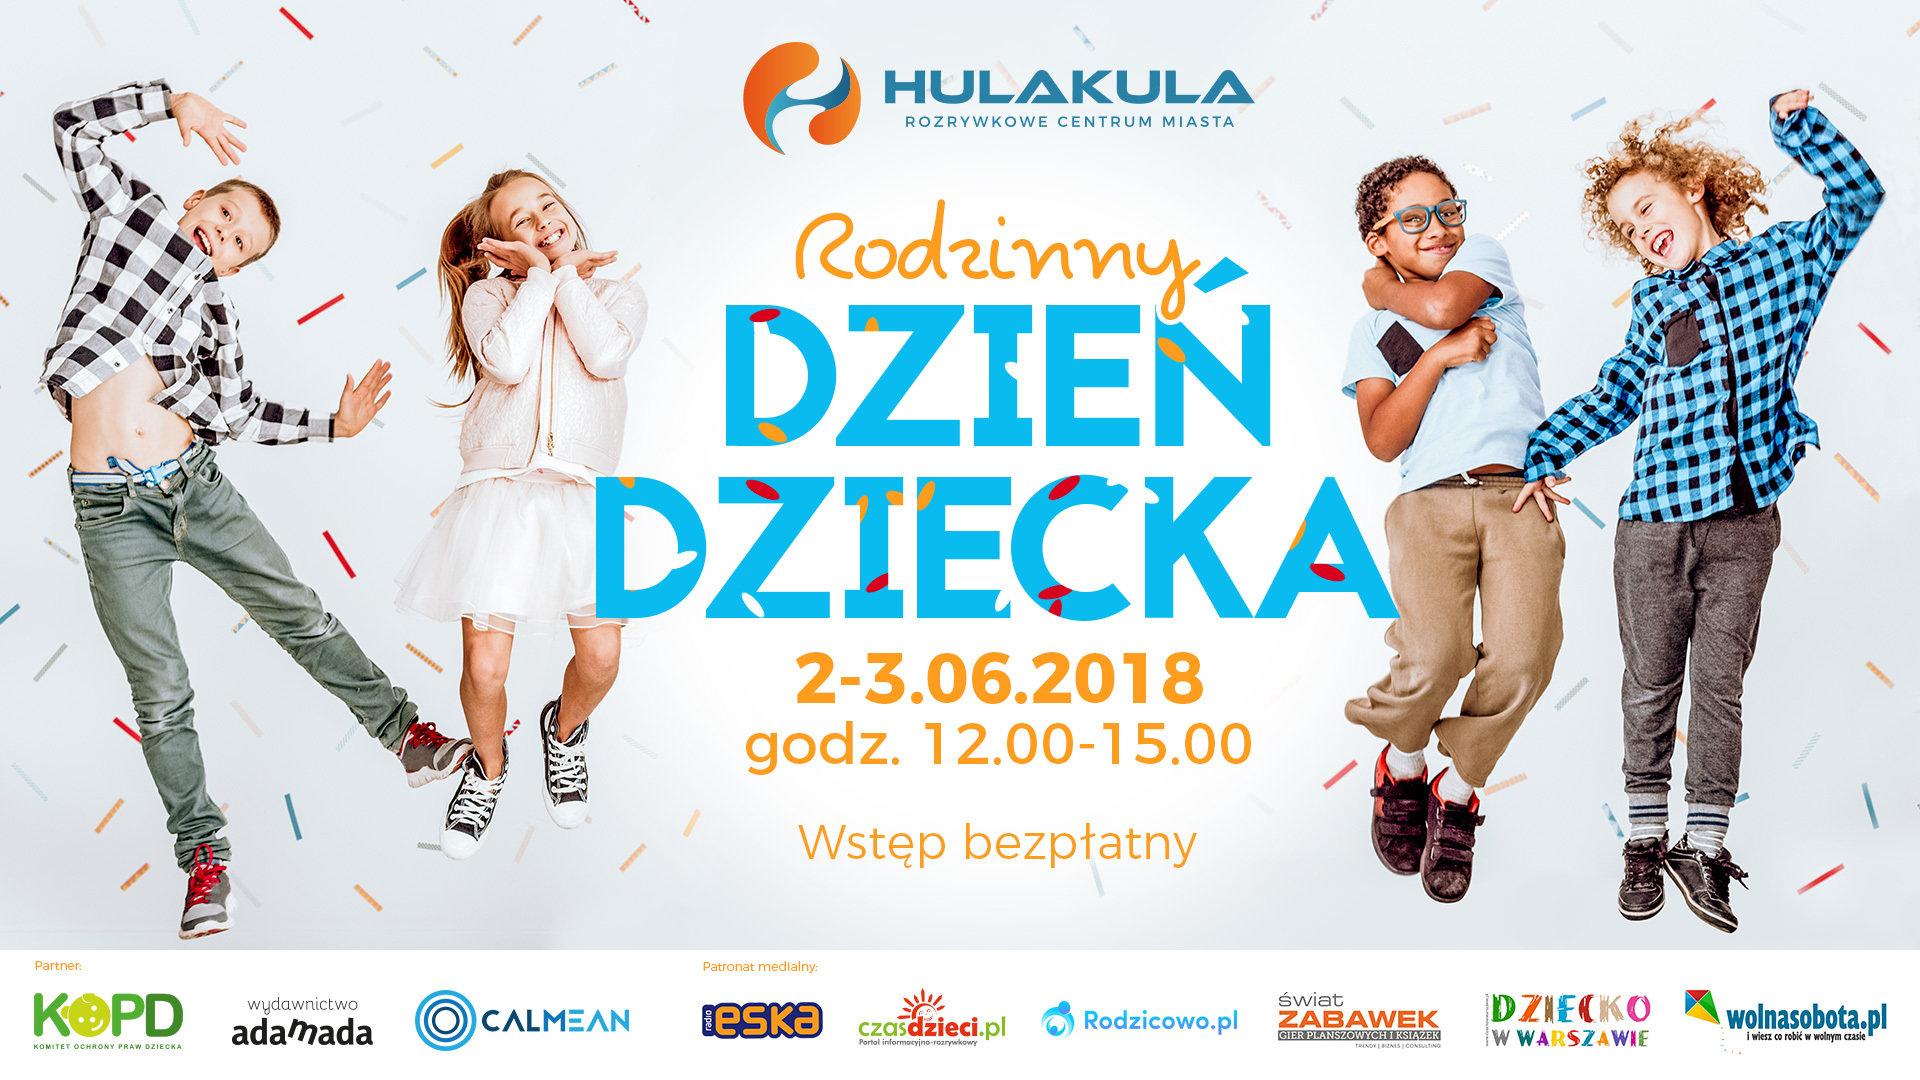 Hulakula Rozrywkowe Centrum Miasta zaprasza na Rodzinny Dzień Dziecka!